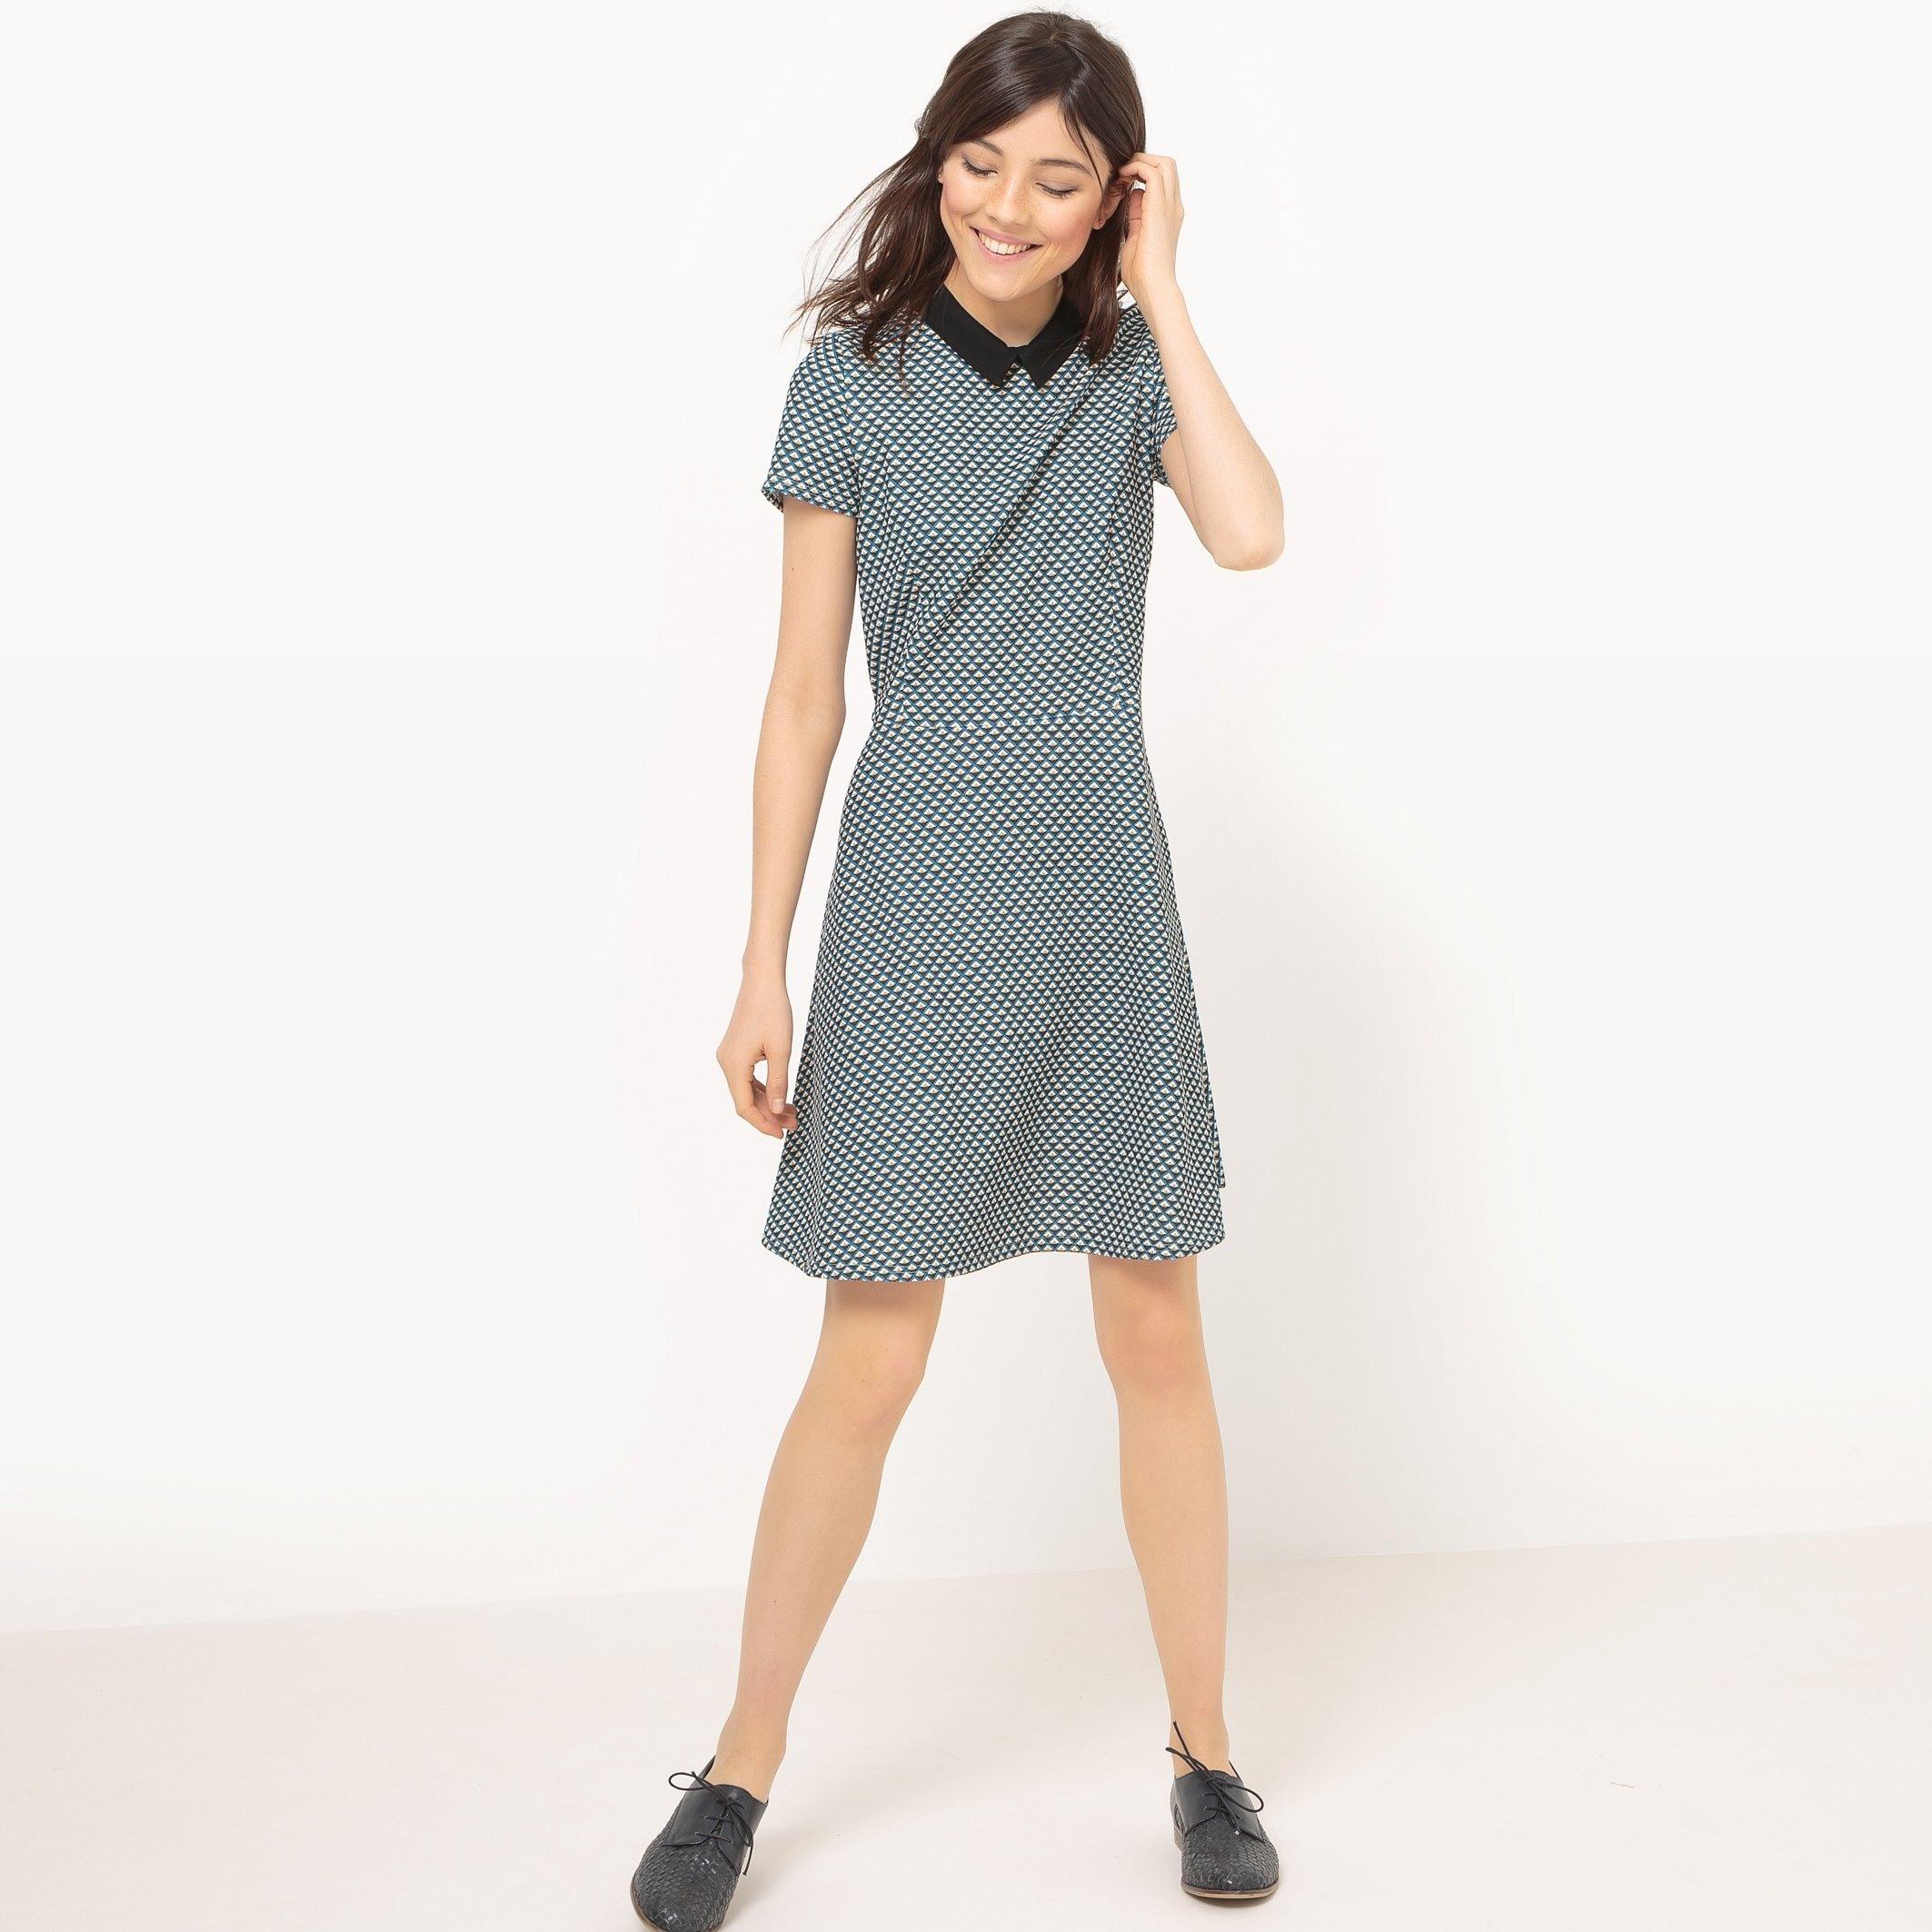 10 Schön Blaue Kleider Knielang Ärmel10 Coolste Blaue Kleider Knielang Boutique